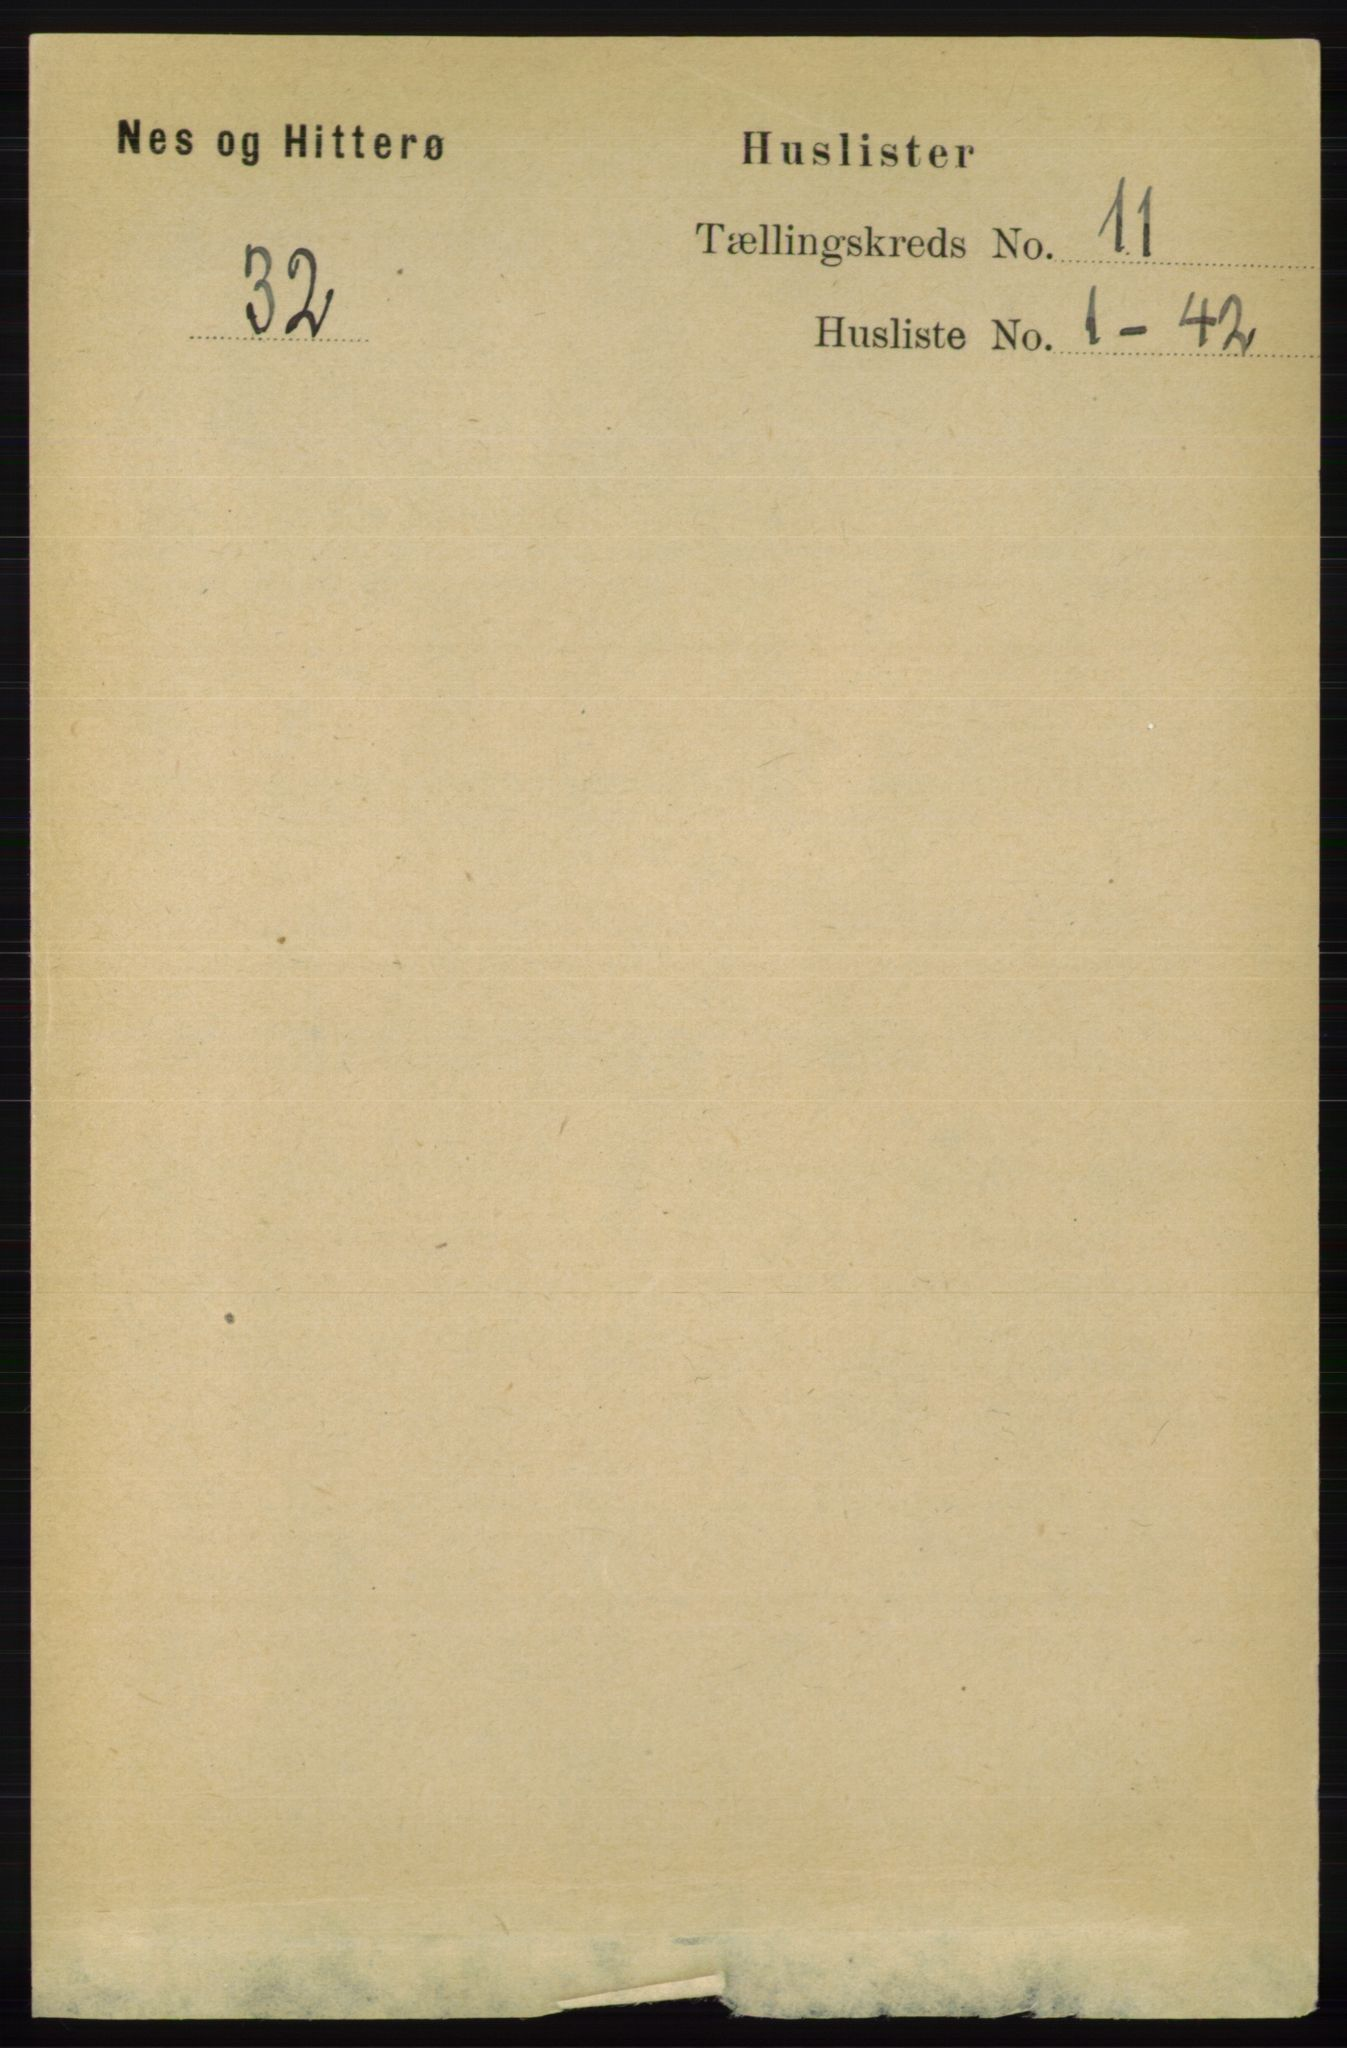 RA, Folketelling 1891 for 1043 Hidra og Nes herred, 1891, s. 4414